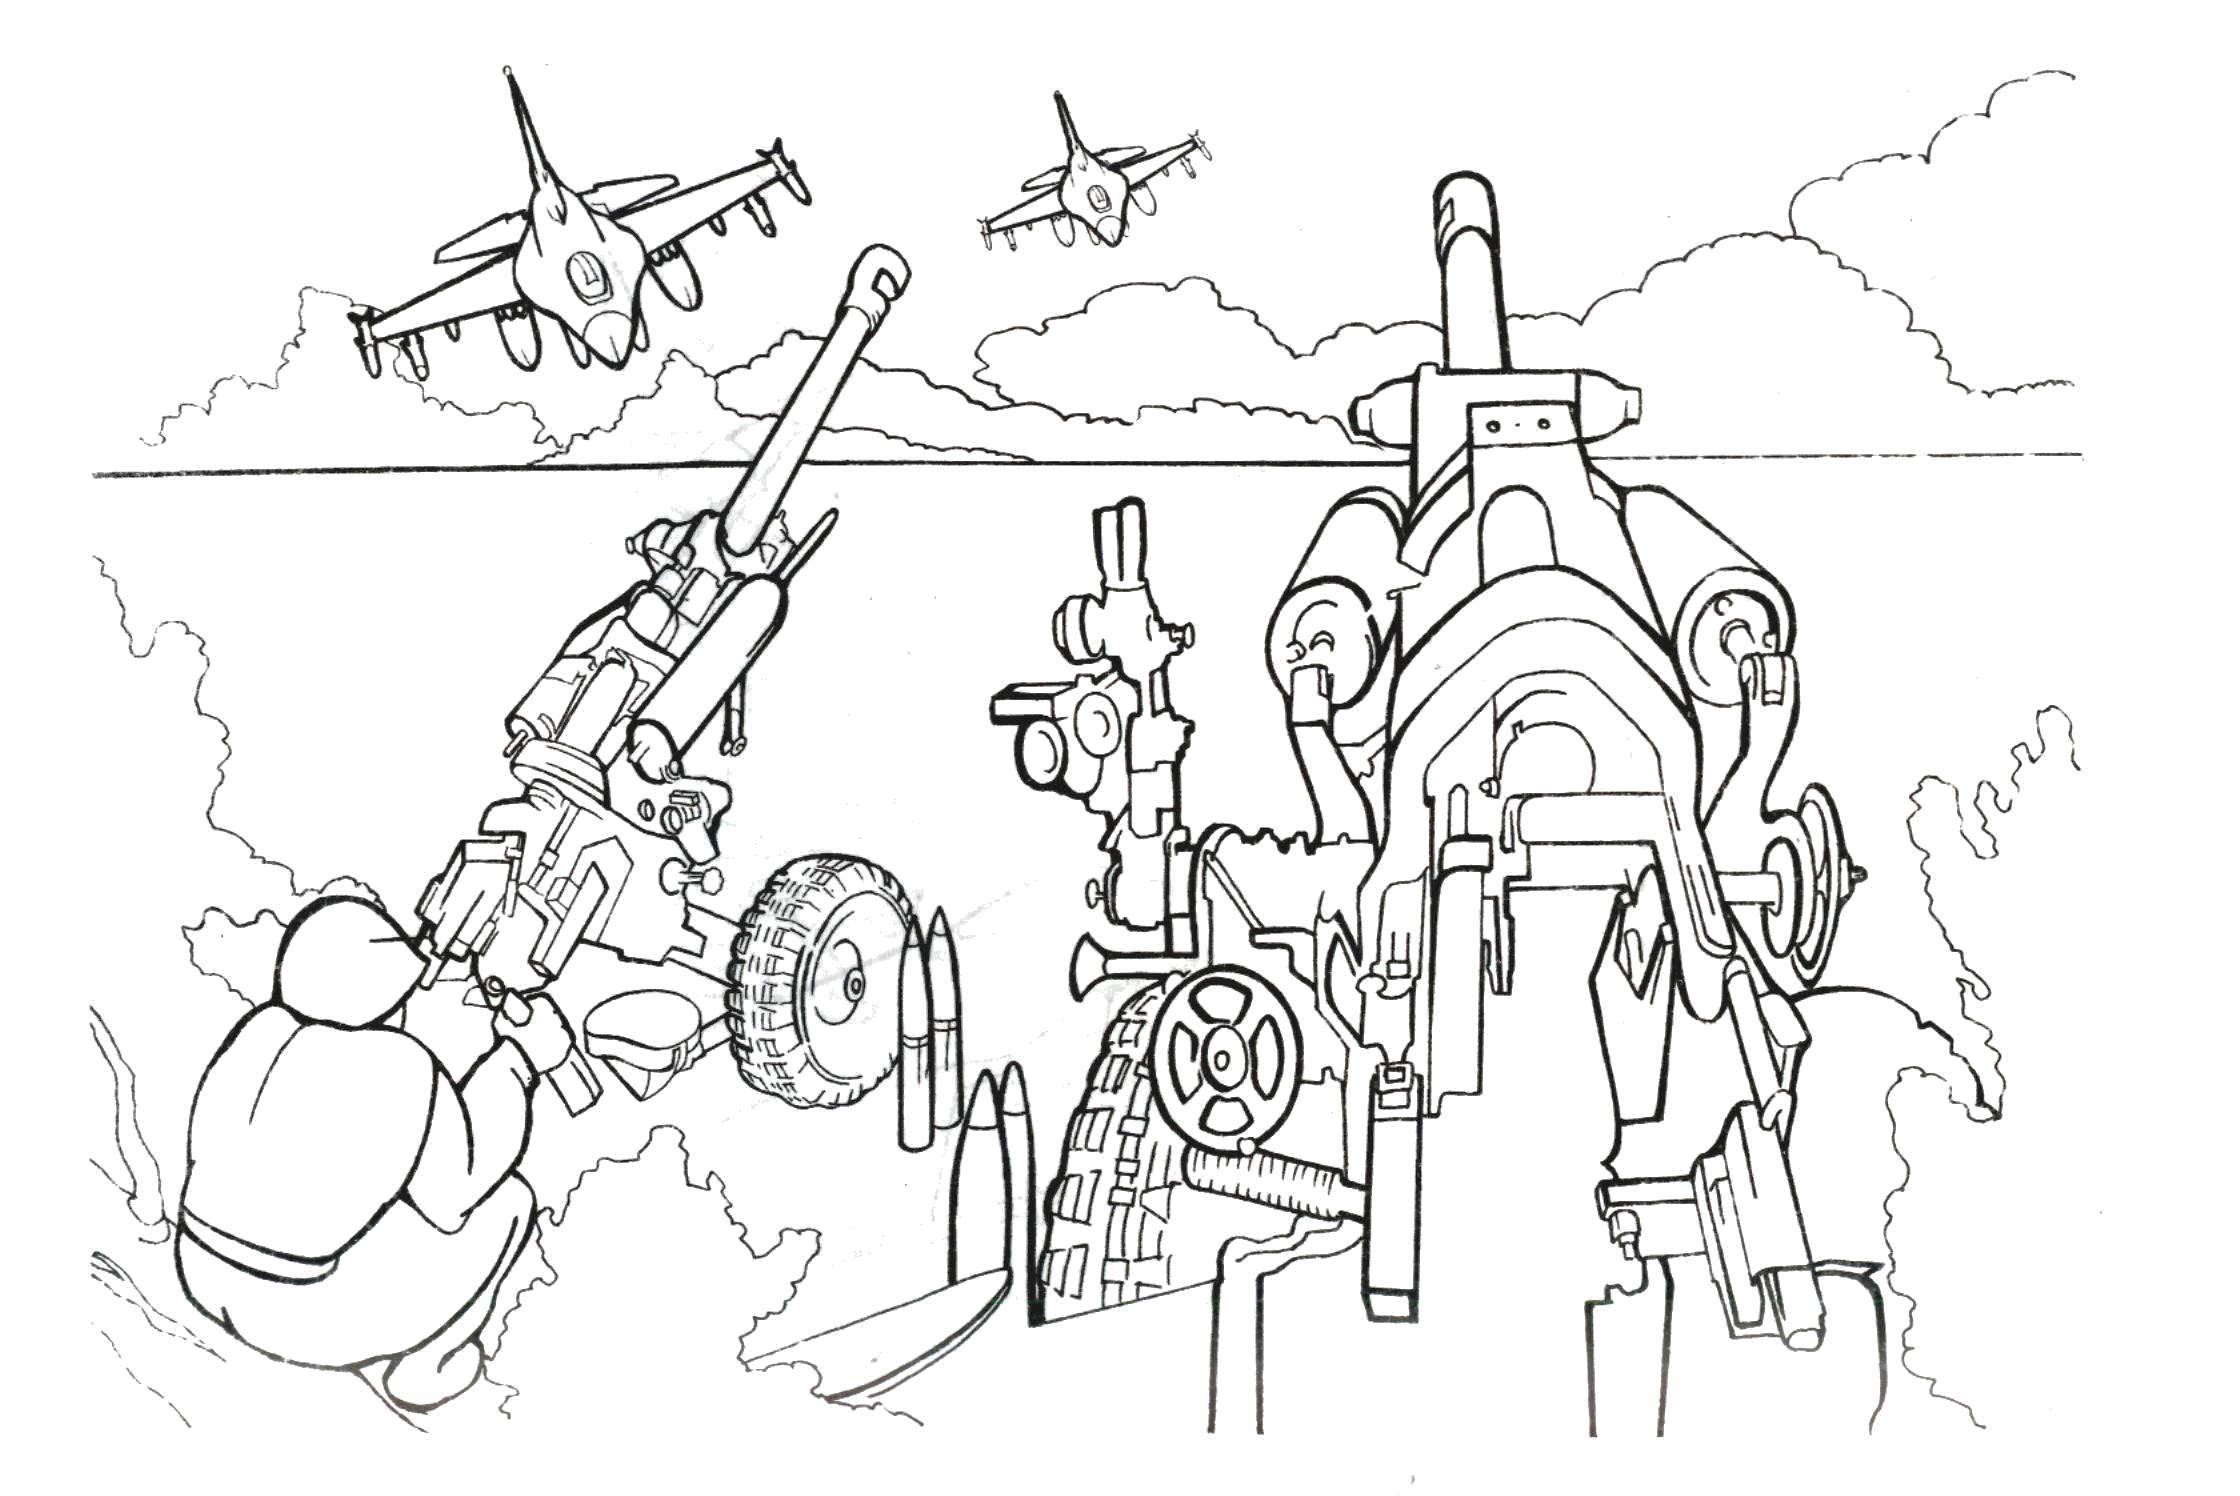 Раскраски Военные Раскраски Военные. Раскраски про войну, военных, солдат, военную технику